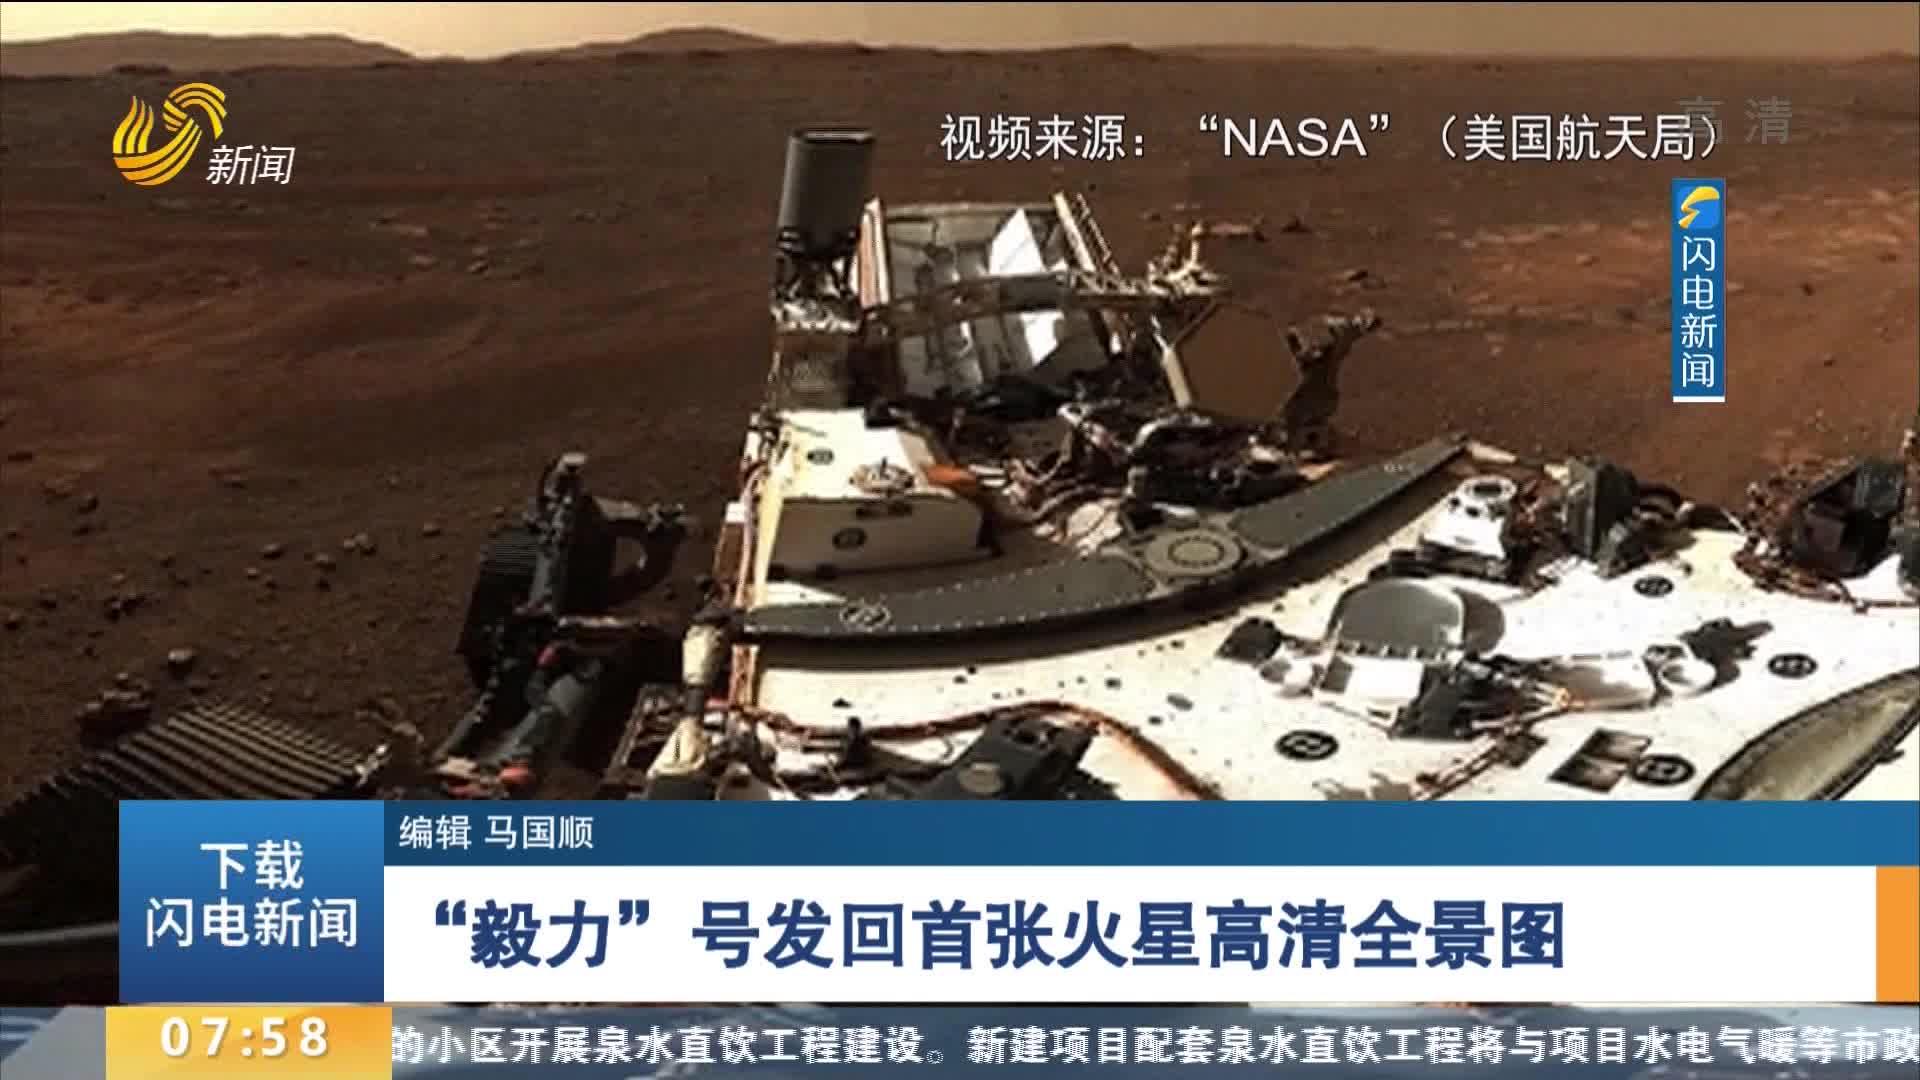 """""""毅力""""号发回首张火星高清全景图"""